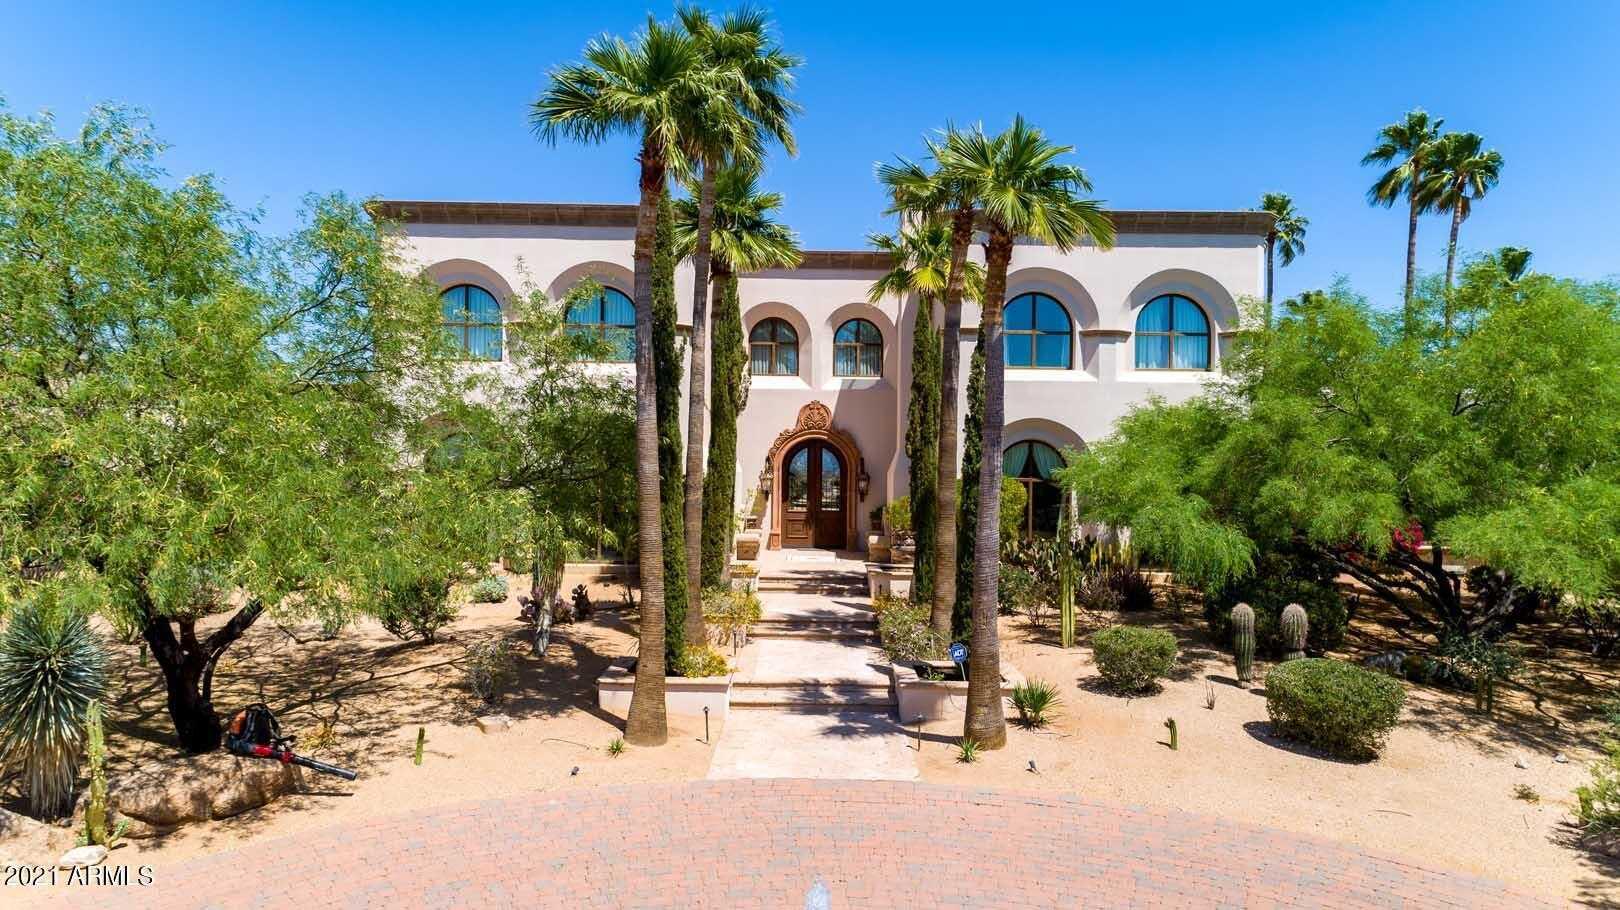 $4,500,000 - 4Br/6Ba - Home for Sale in Pinnacle Peak Heights, Scottsdale